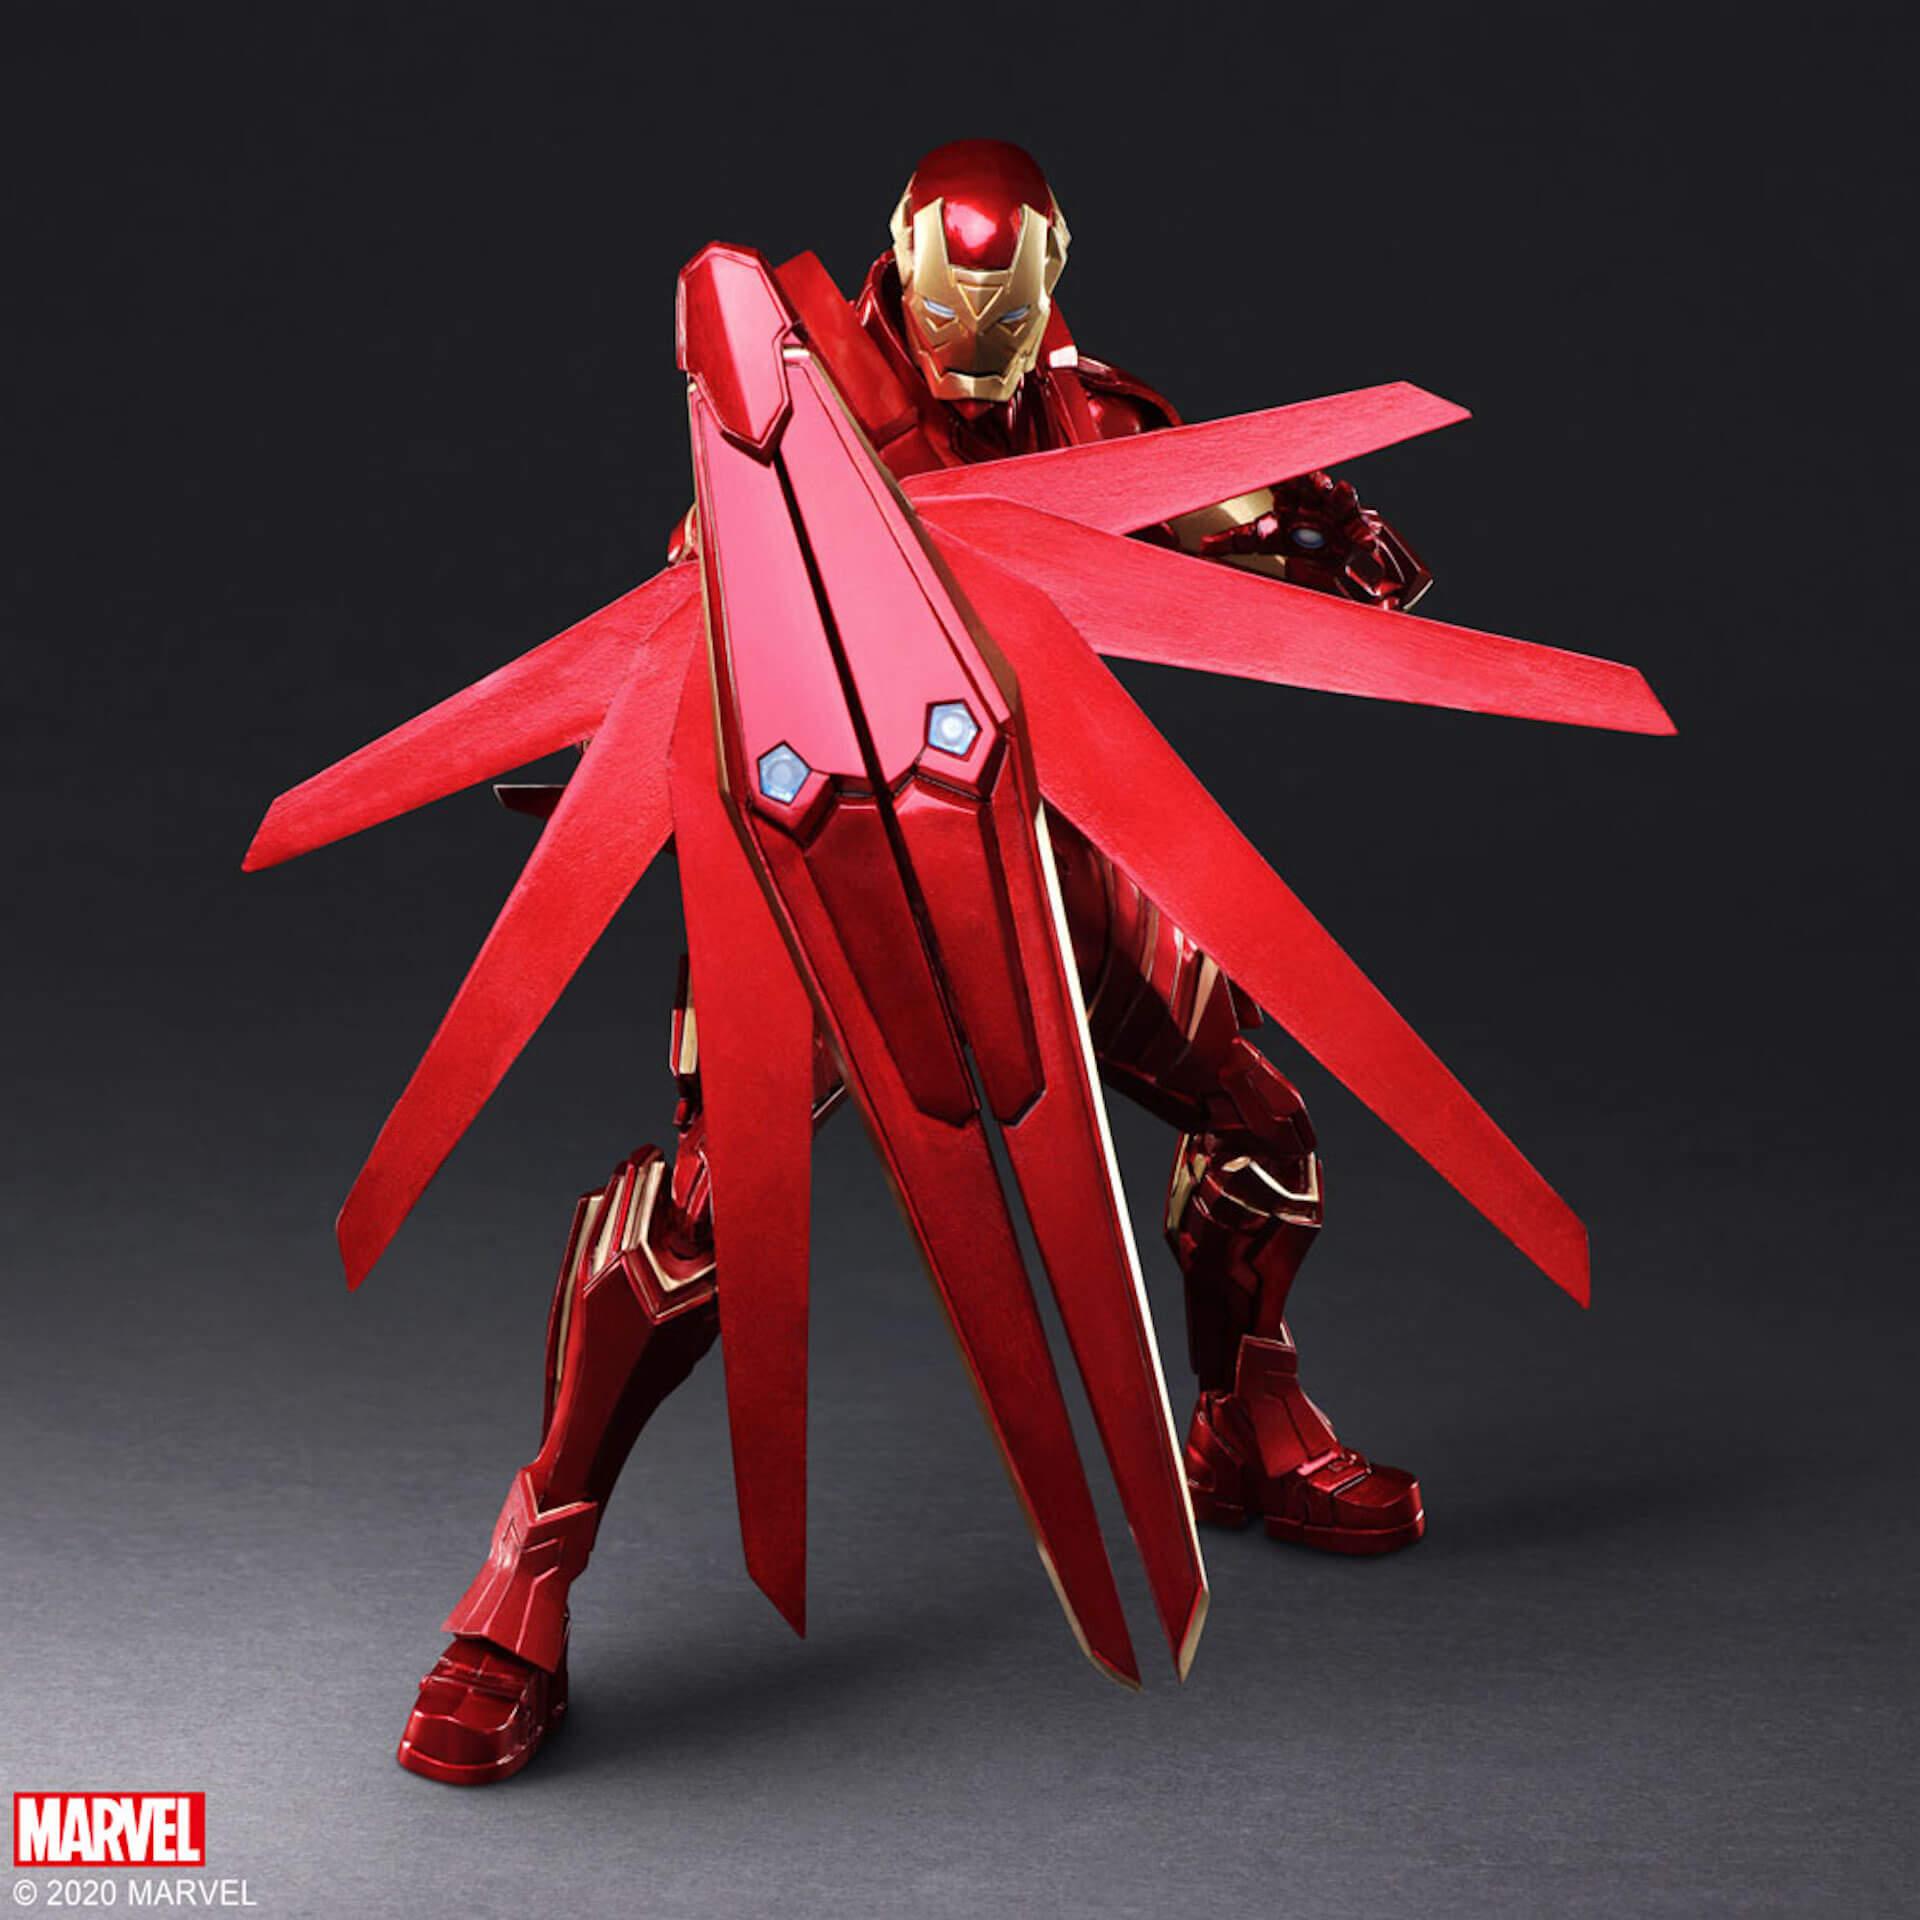 野村哲也デザインの『アイアンマン』『キャプテン・アメリカ』『スパイダーマン』フィギュアがスクウェア・エニックスのオンラインサイトで予約受付中! ac200702_marvel_nomuratesuya_05